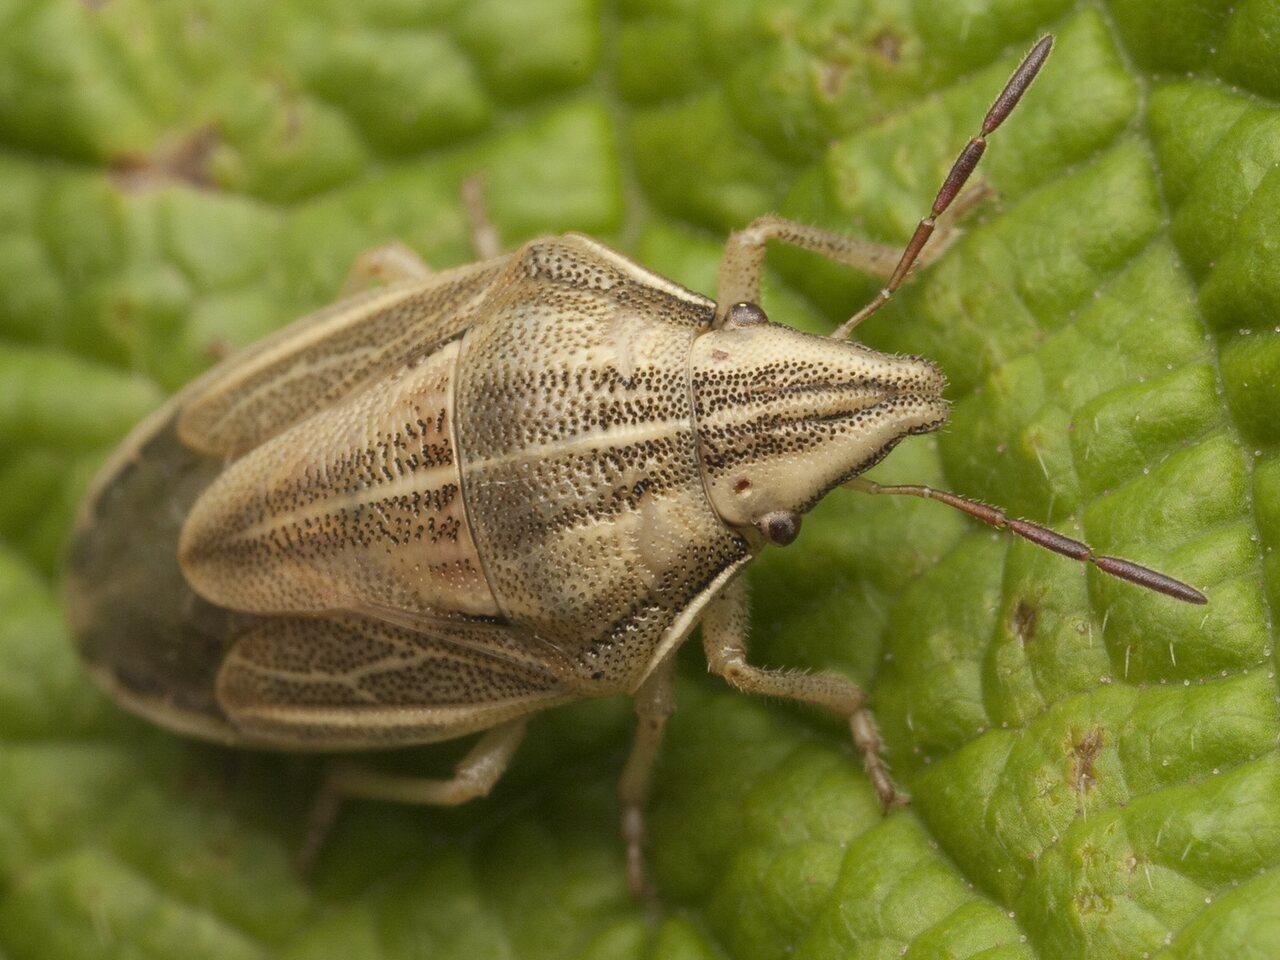 Aelia-acuminata-0787.jpg